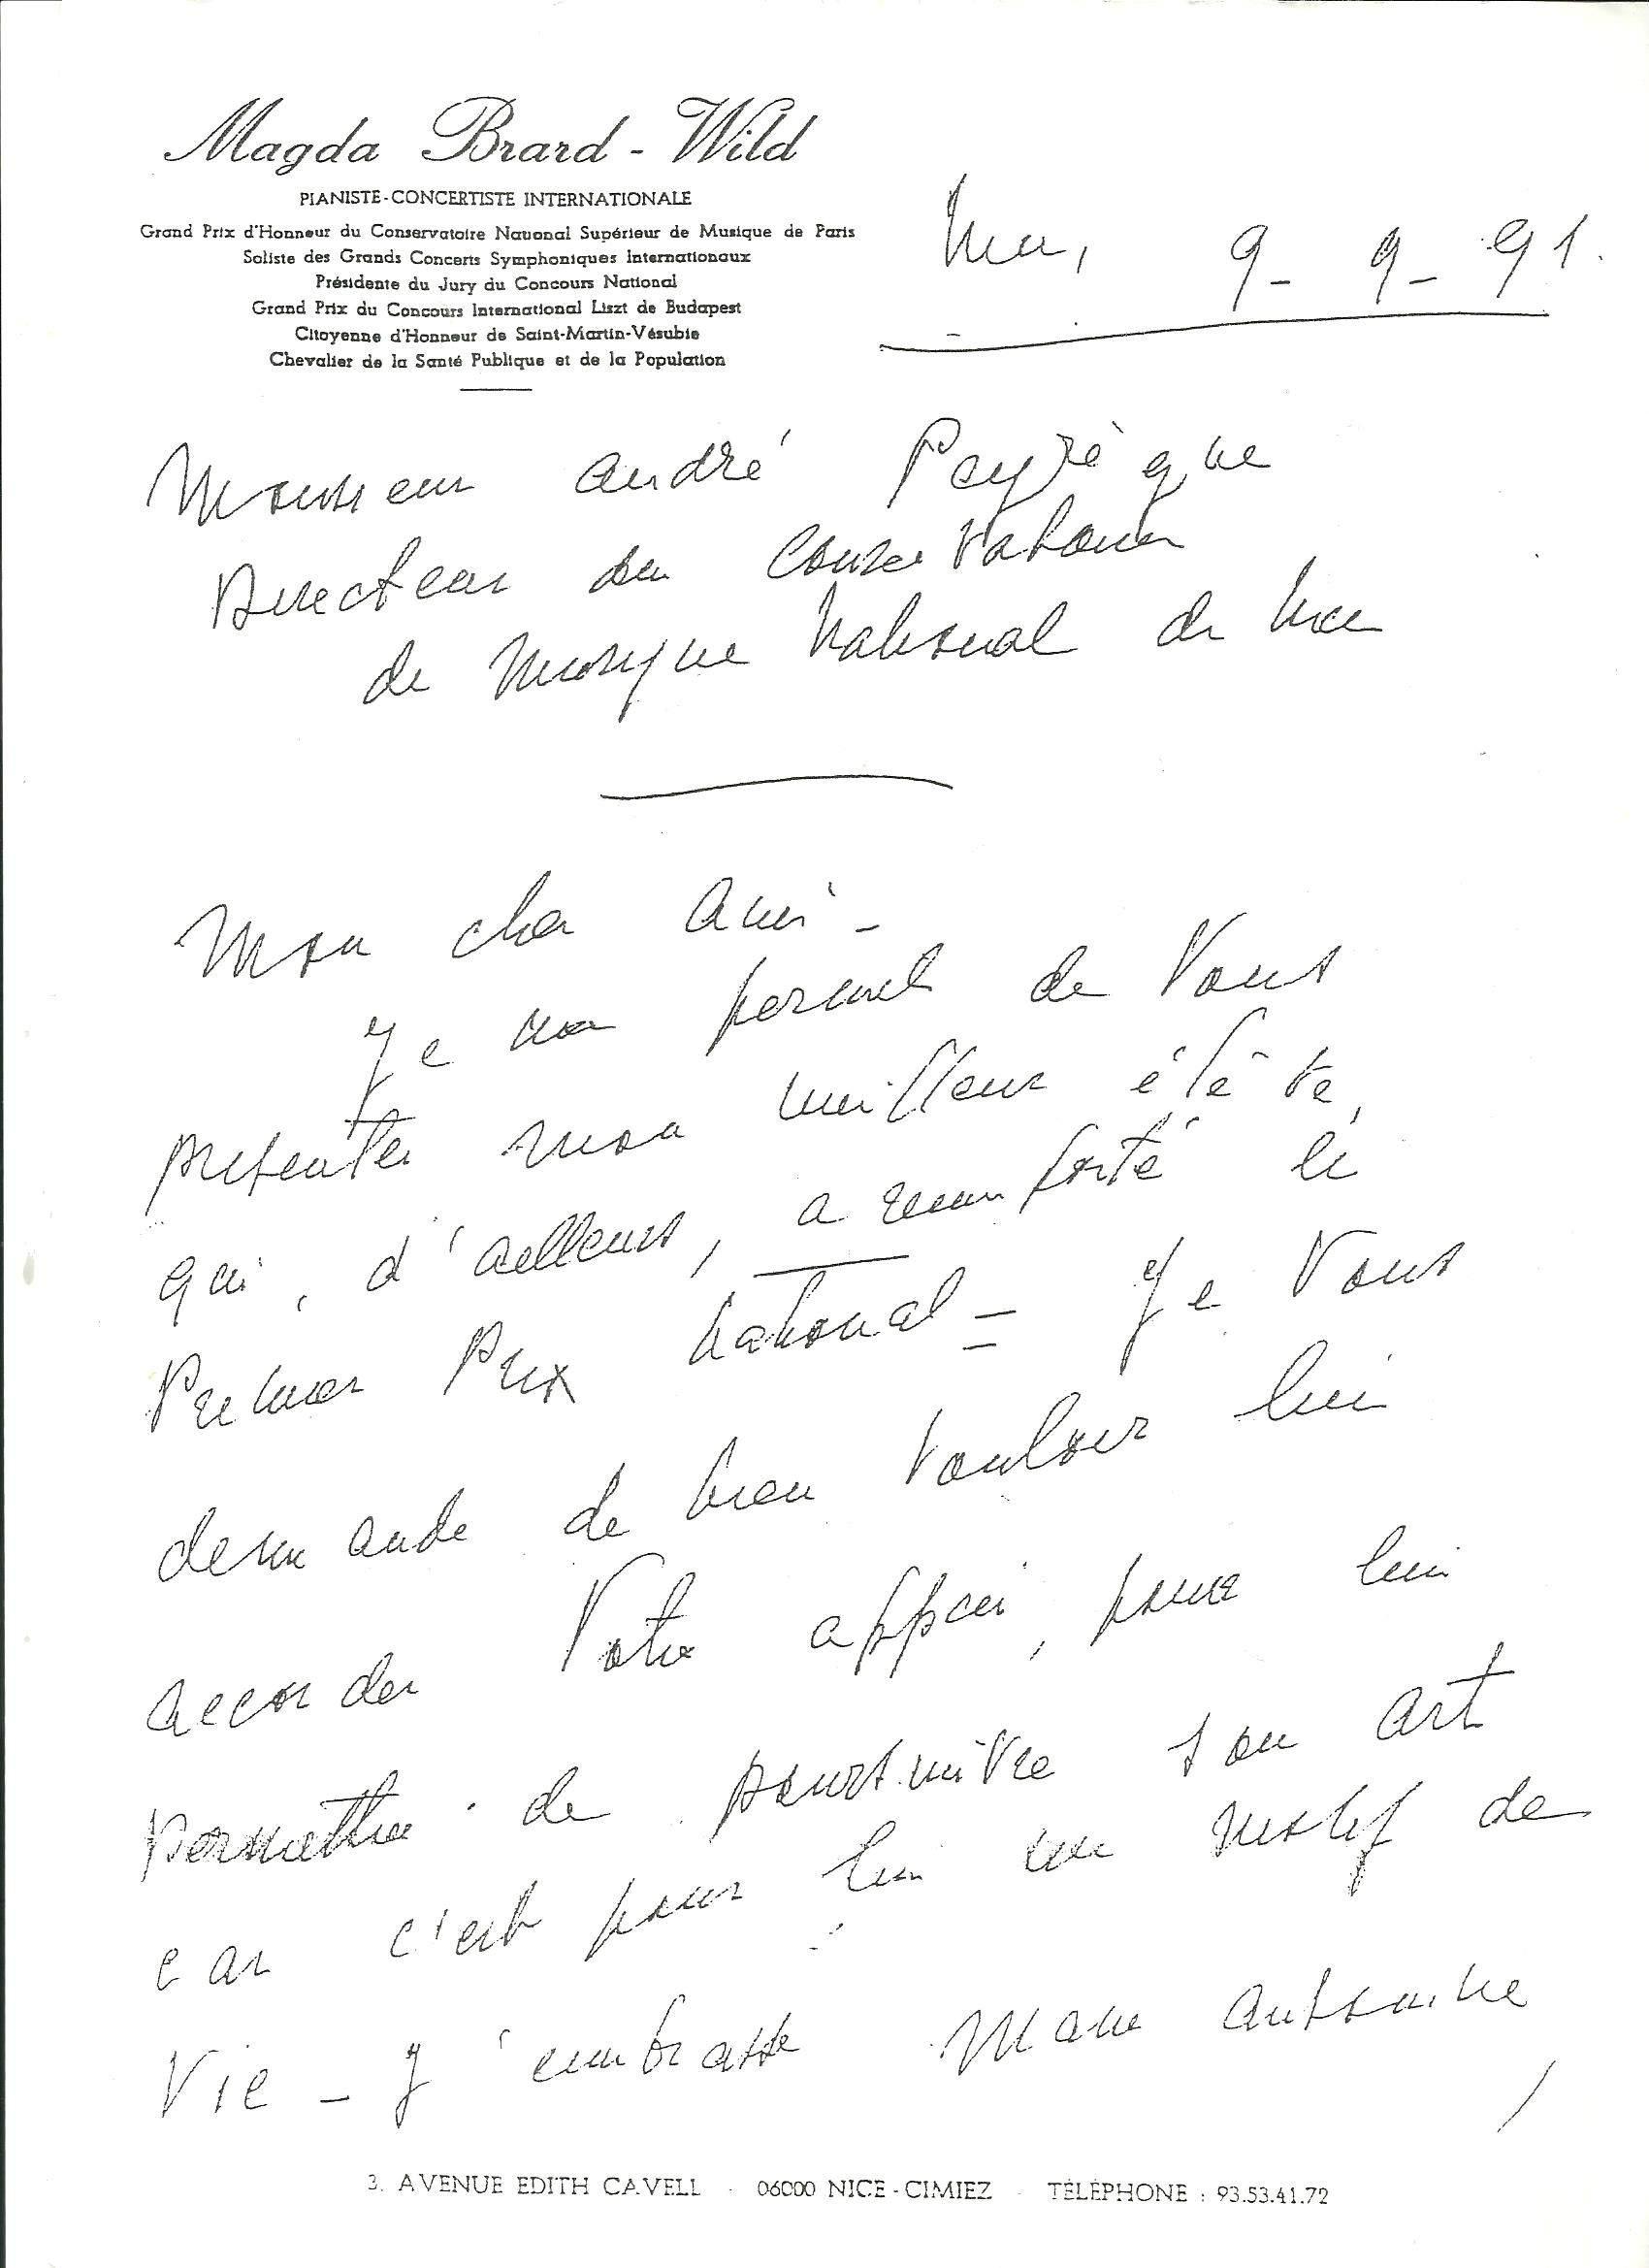 Richard - Bruno RESSEGUIER de Gandels